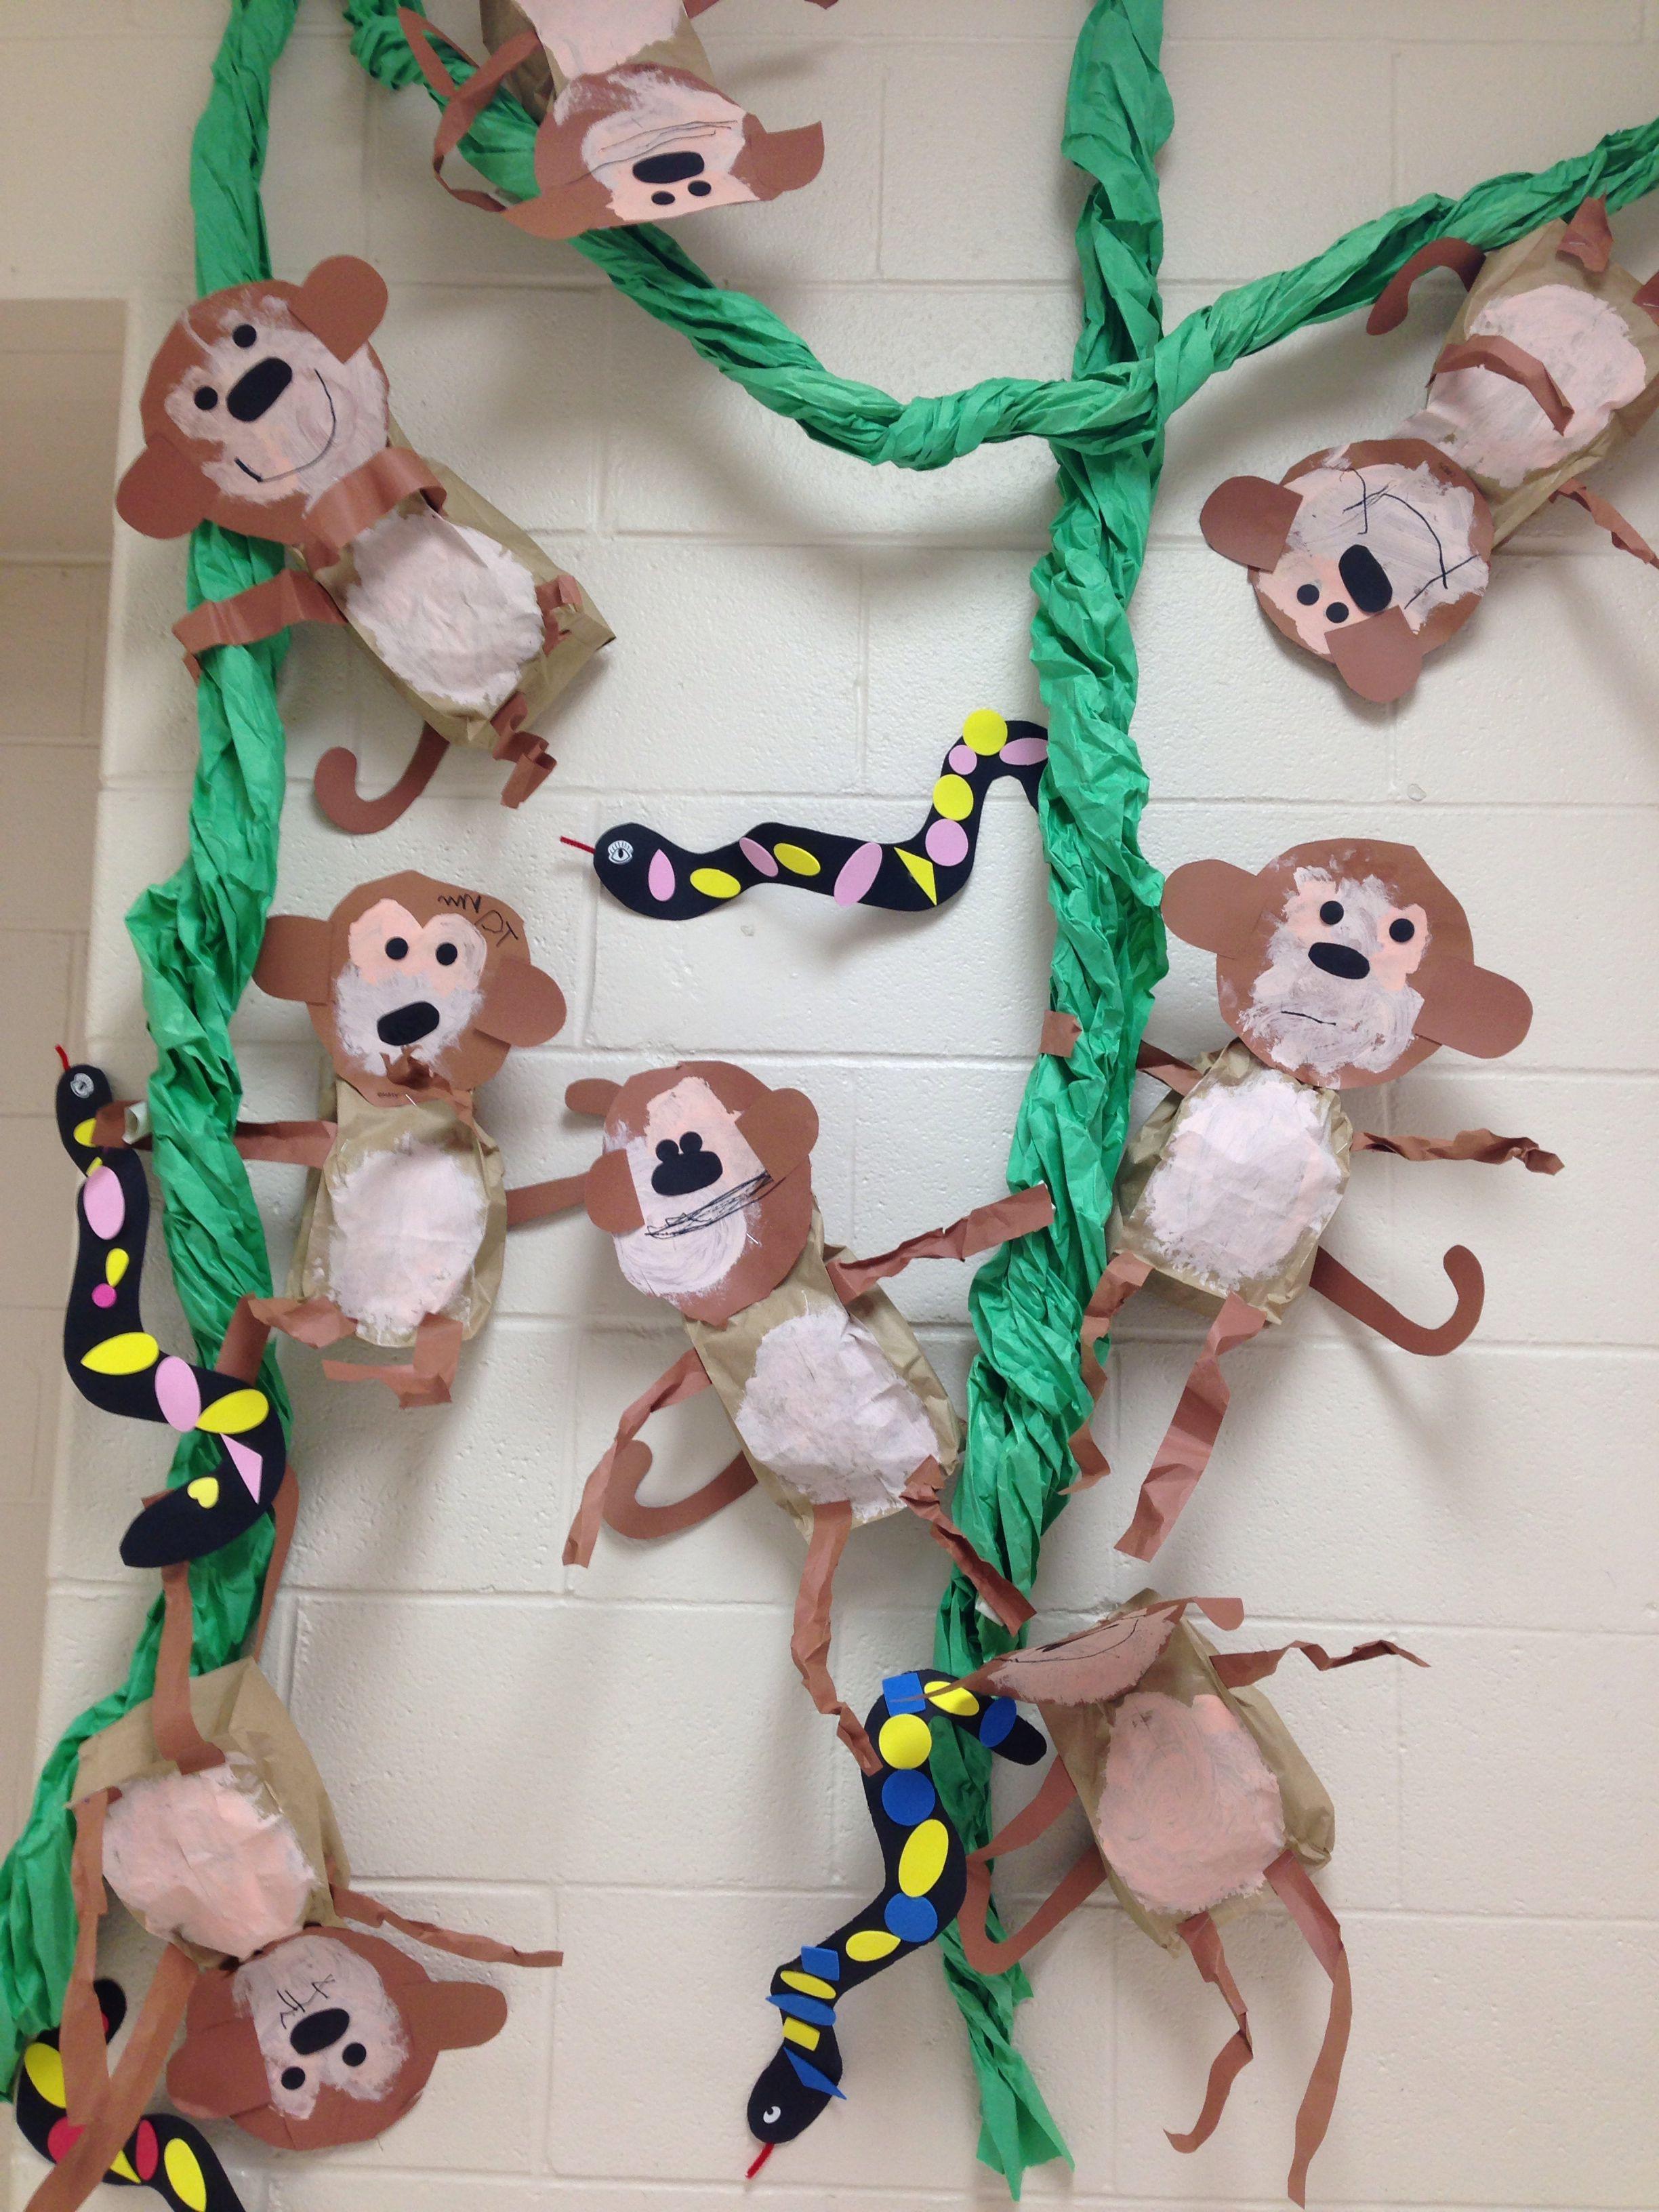 Rainforest Crafts | Classroom Ideas     | Rainforest crafts